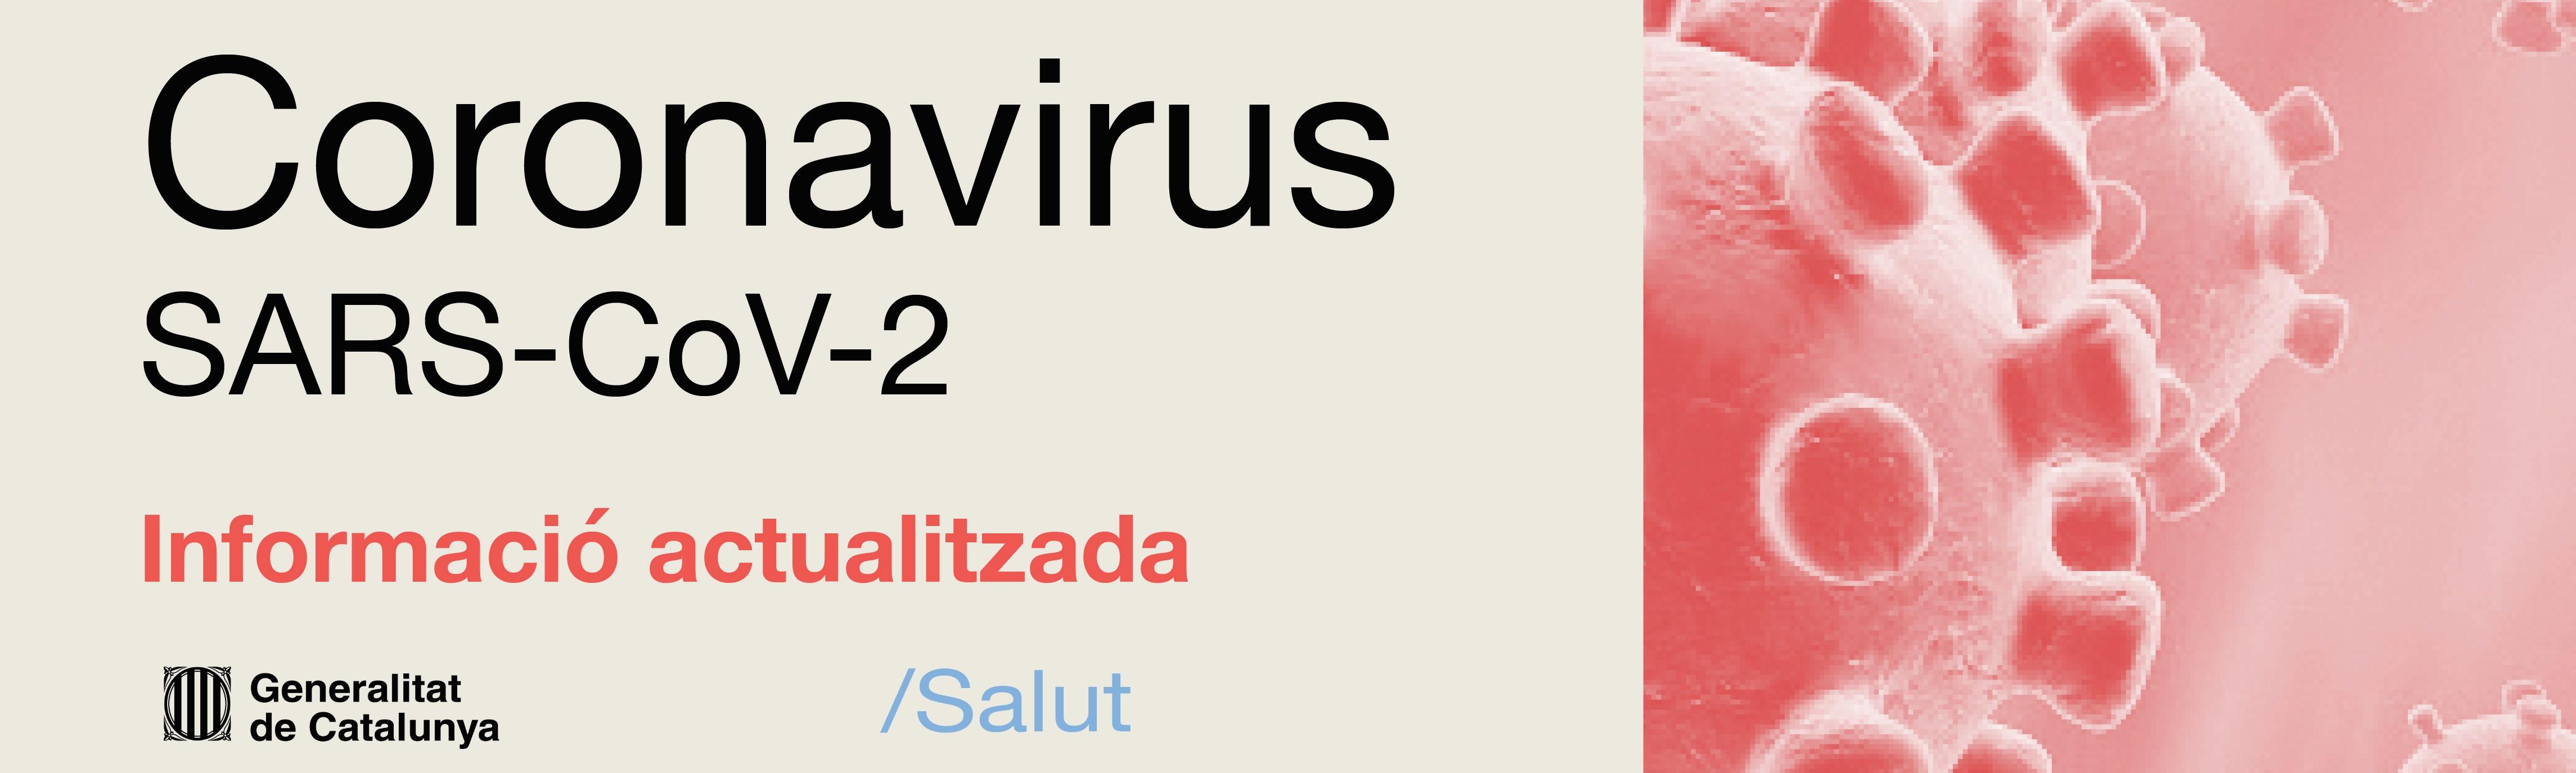 banner_coronavirus_generic